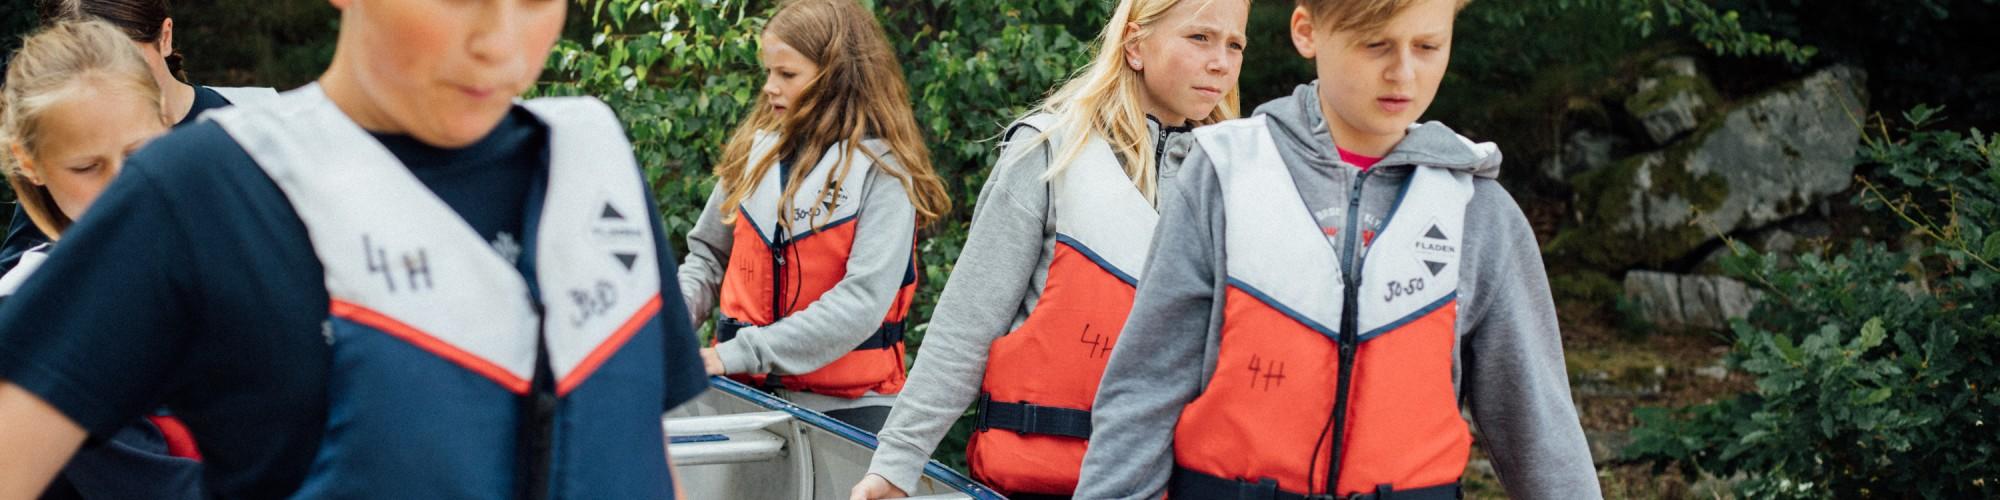 Läger_Stättared_Halland_Alma_Bengtsson_MG_6695_web